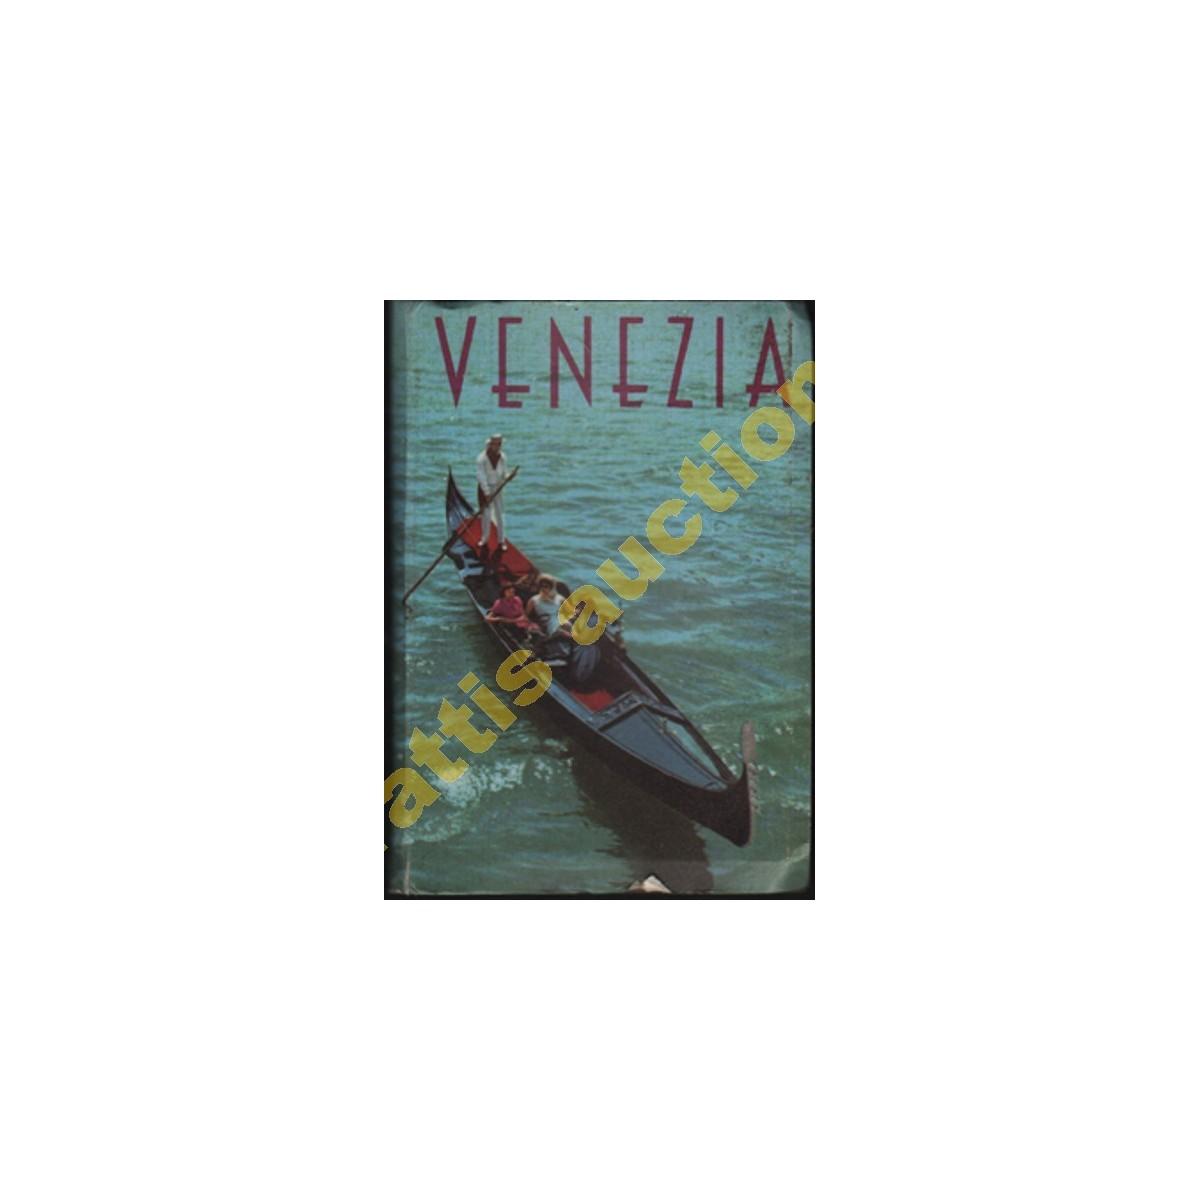 Άλμπουμ με 24 έγχρωμες φωτογραφίες της Βενετίας.